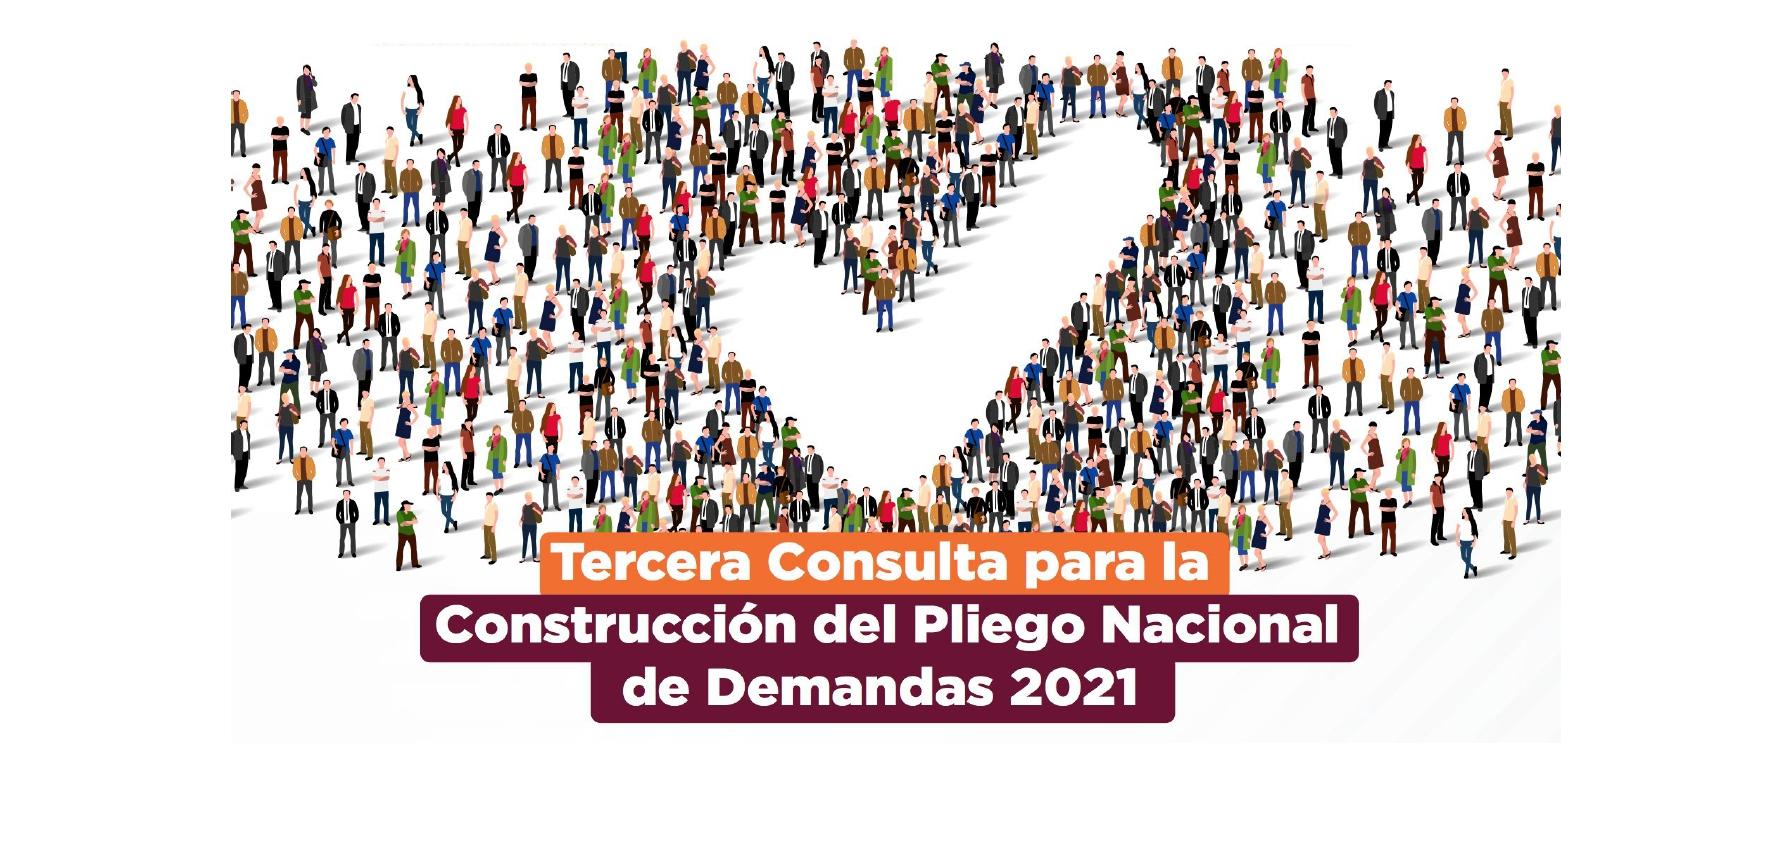 Tercera Consulta para la Construcción del Pliego Nacional de Demandas 2021